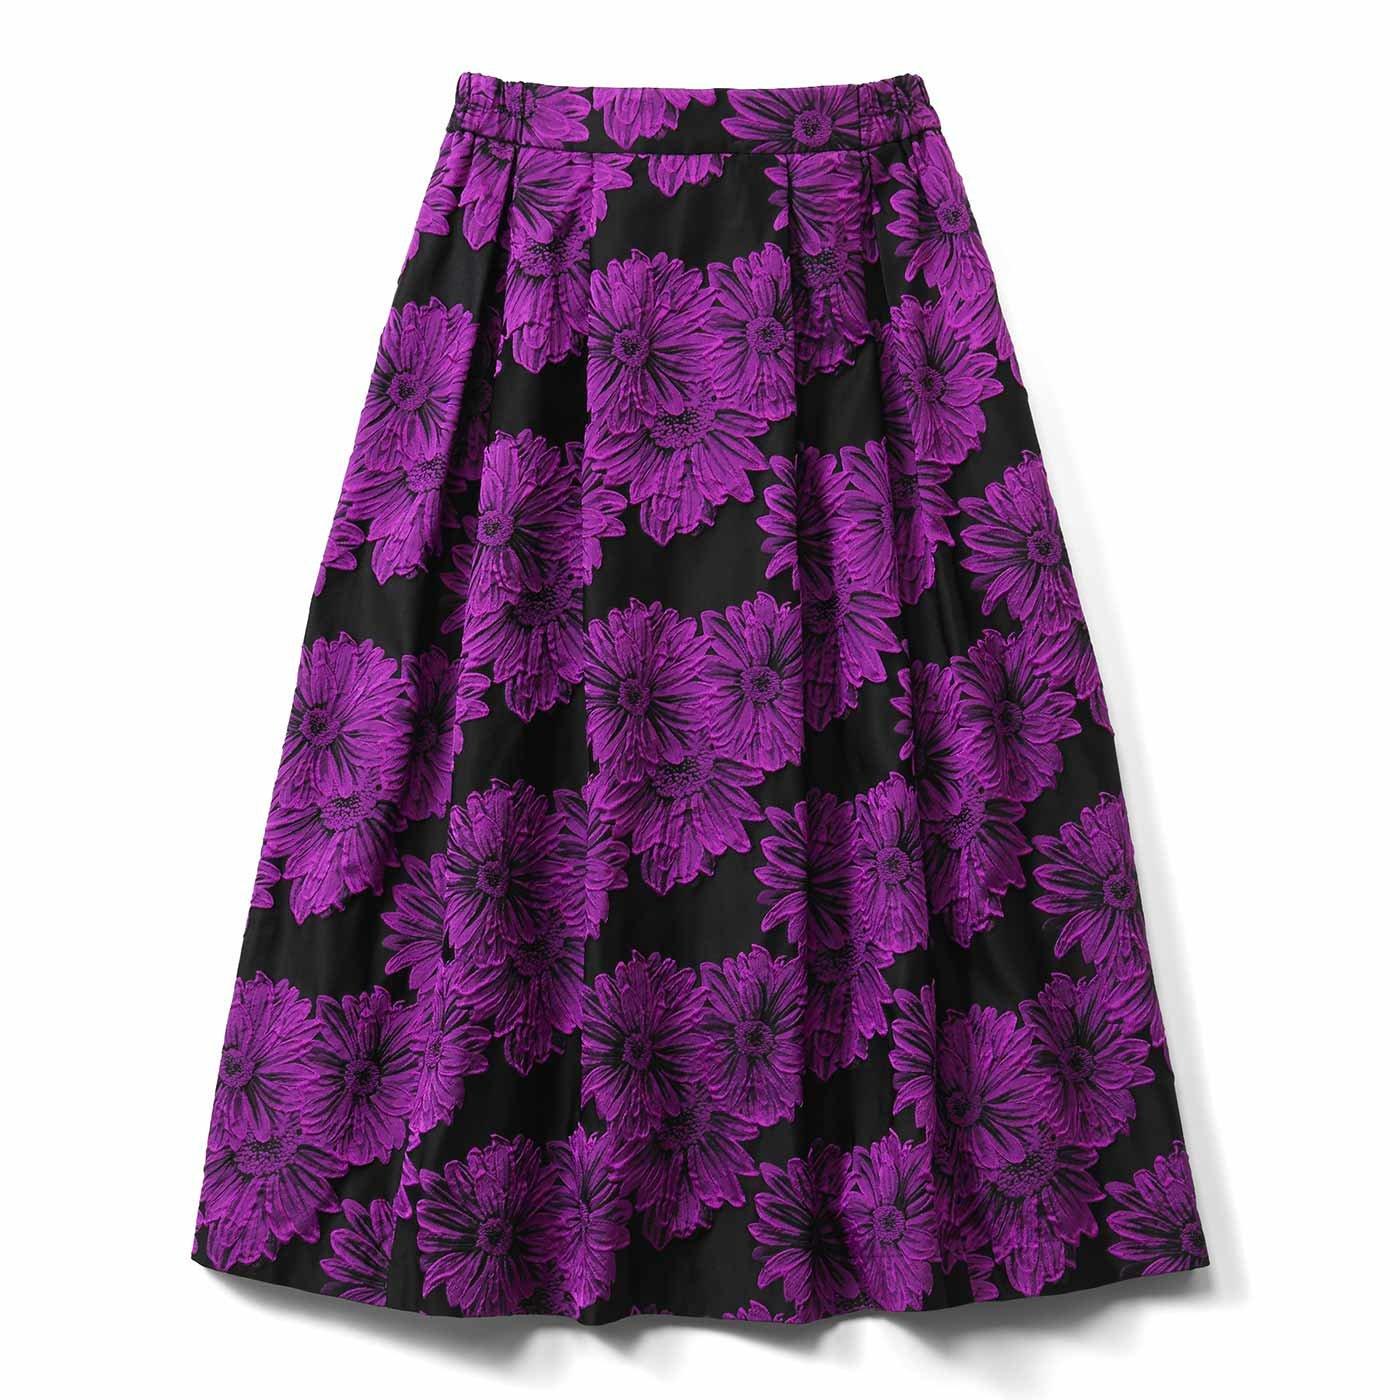 【3~10日でお届け】IEDIT[イディット] あったかインナーパンツ付き 華やぎジャカードスカート〈ピンク〉